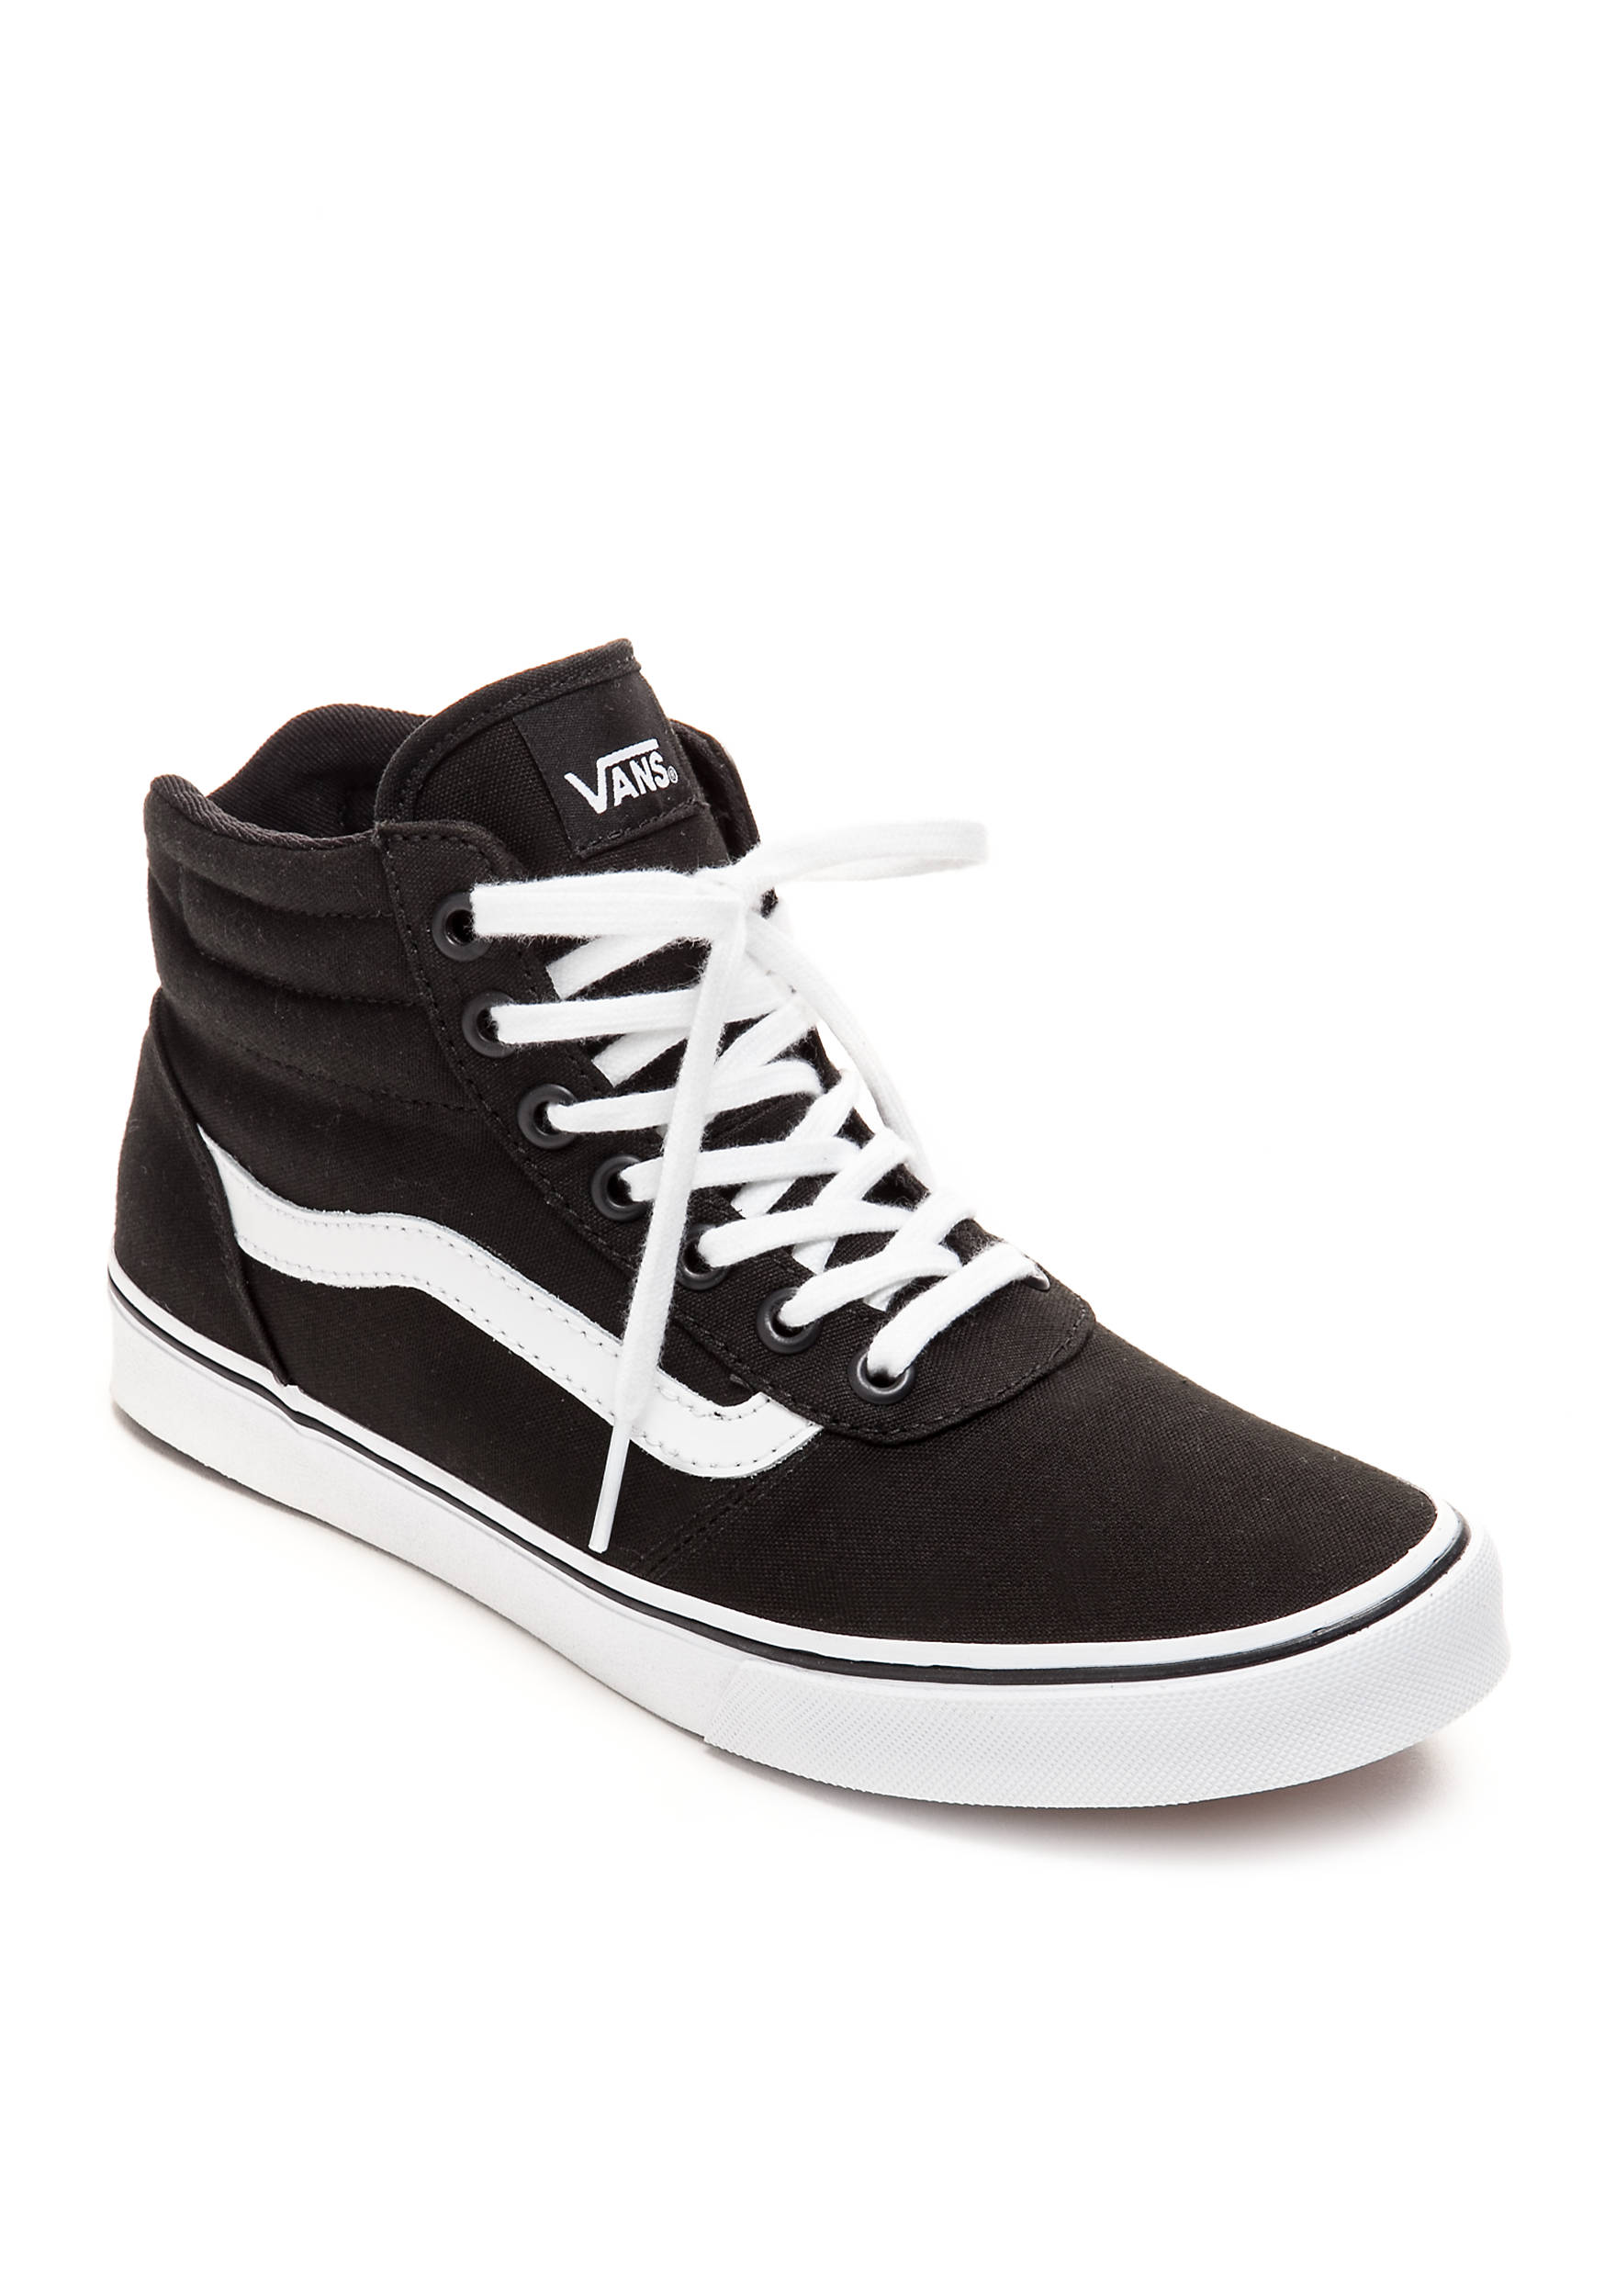 Belk Shoes Womens